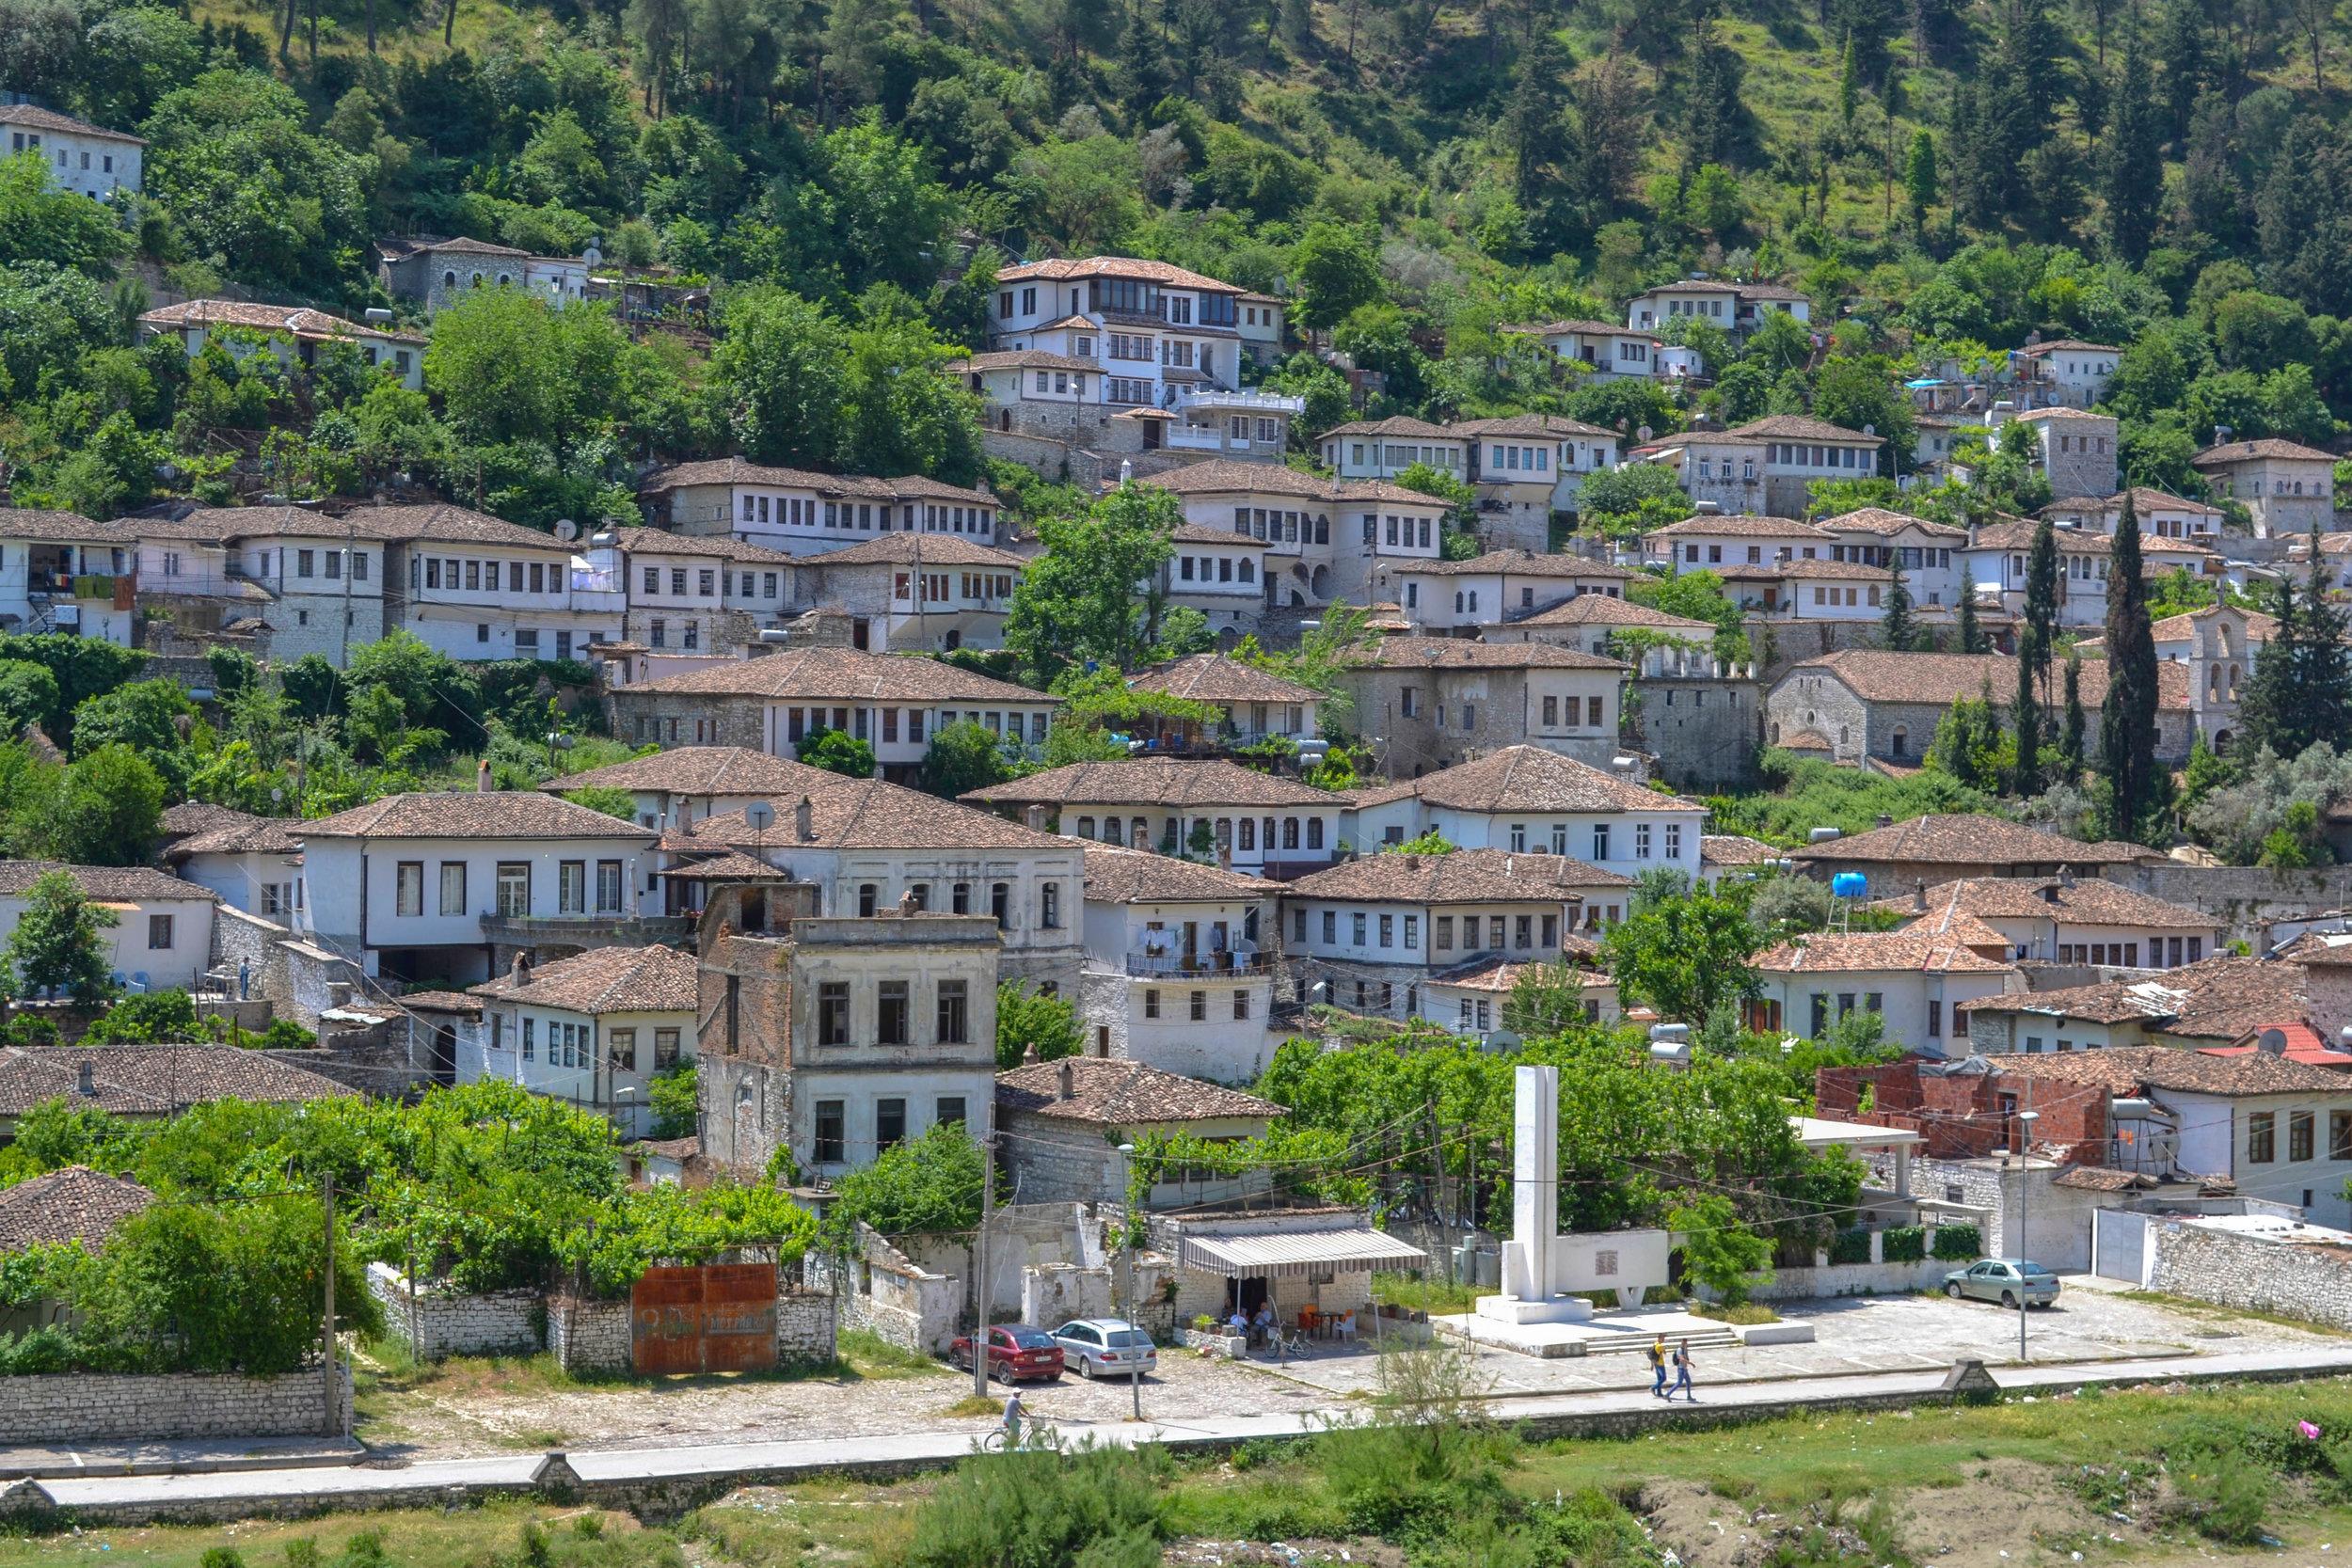 Berat, the City of Windows, in Albania